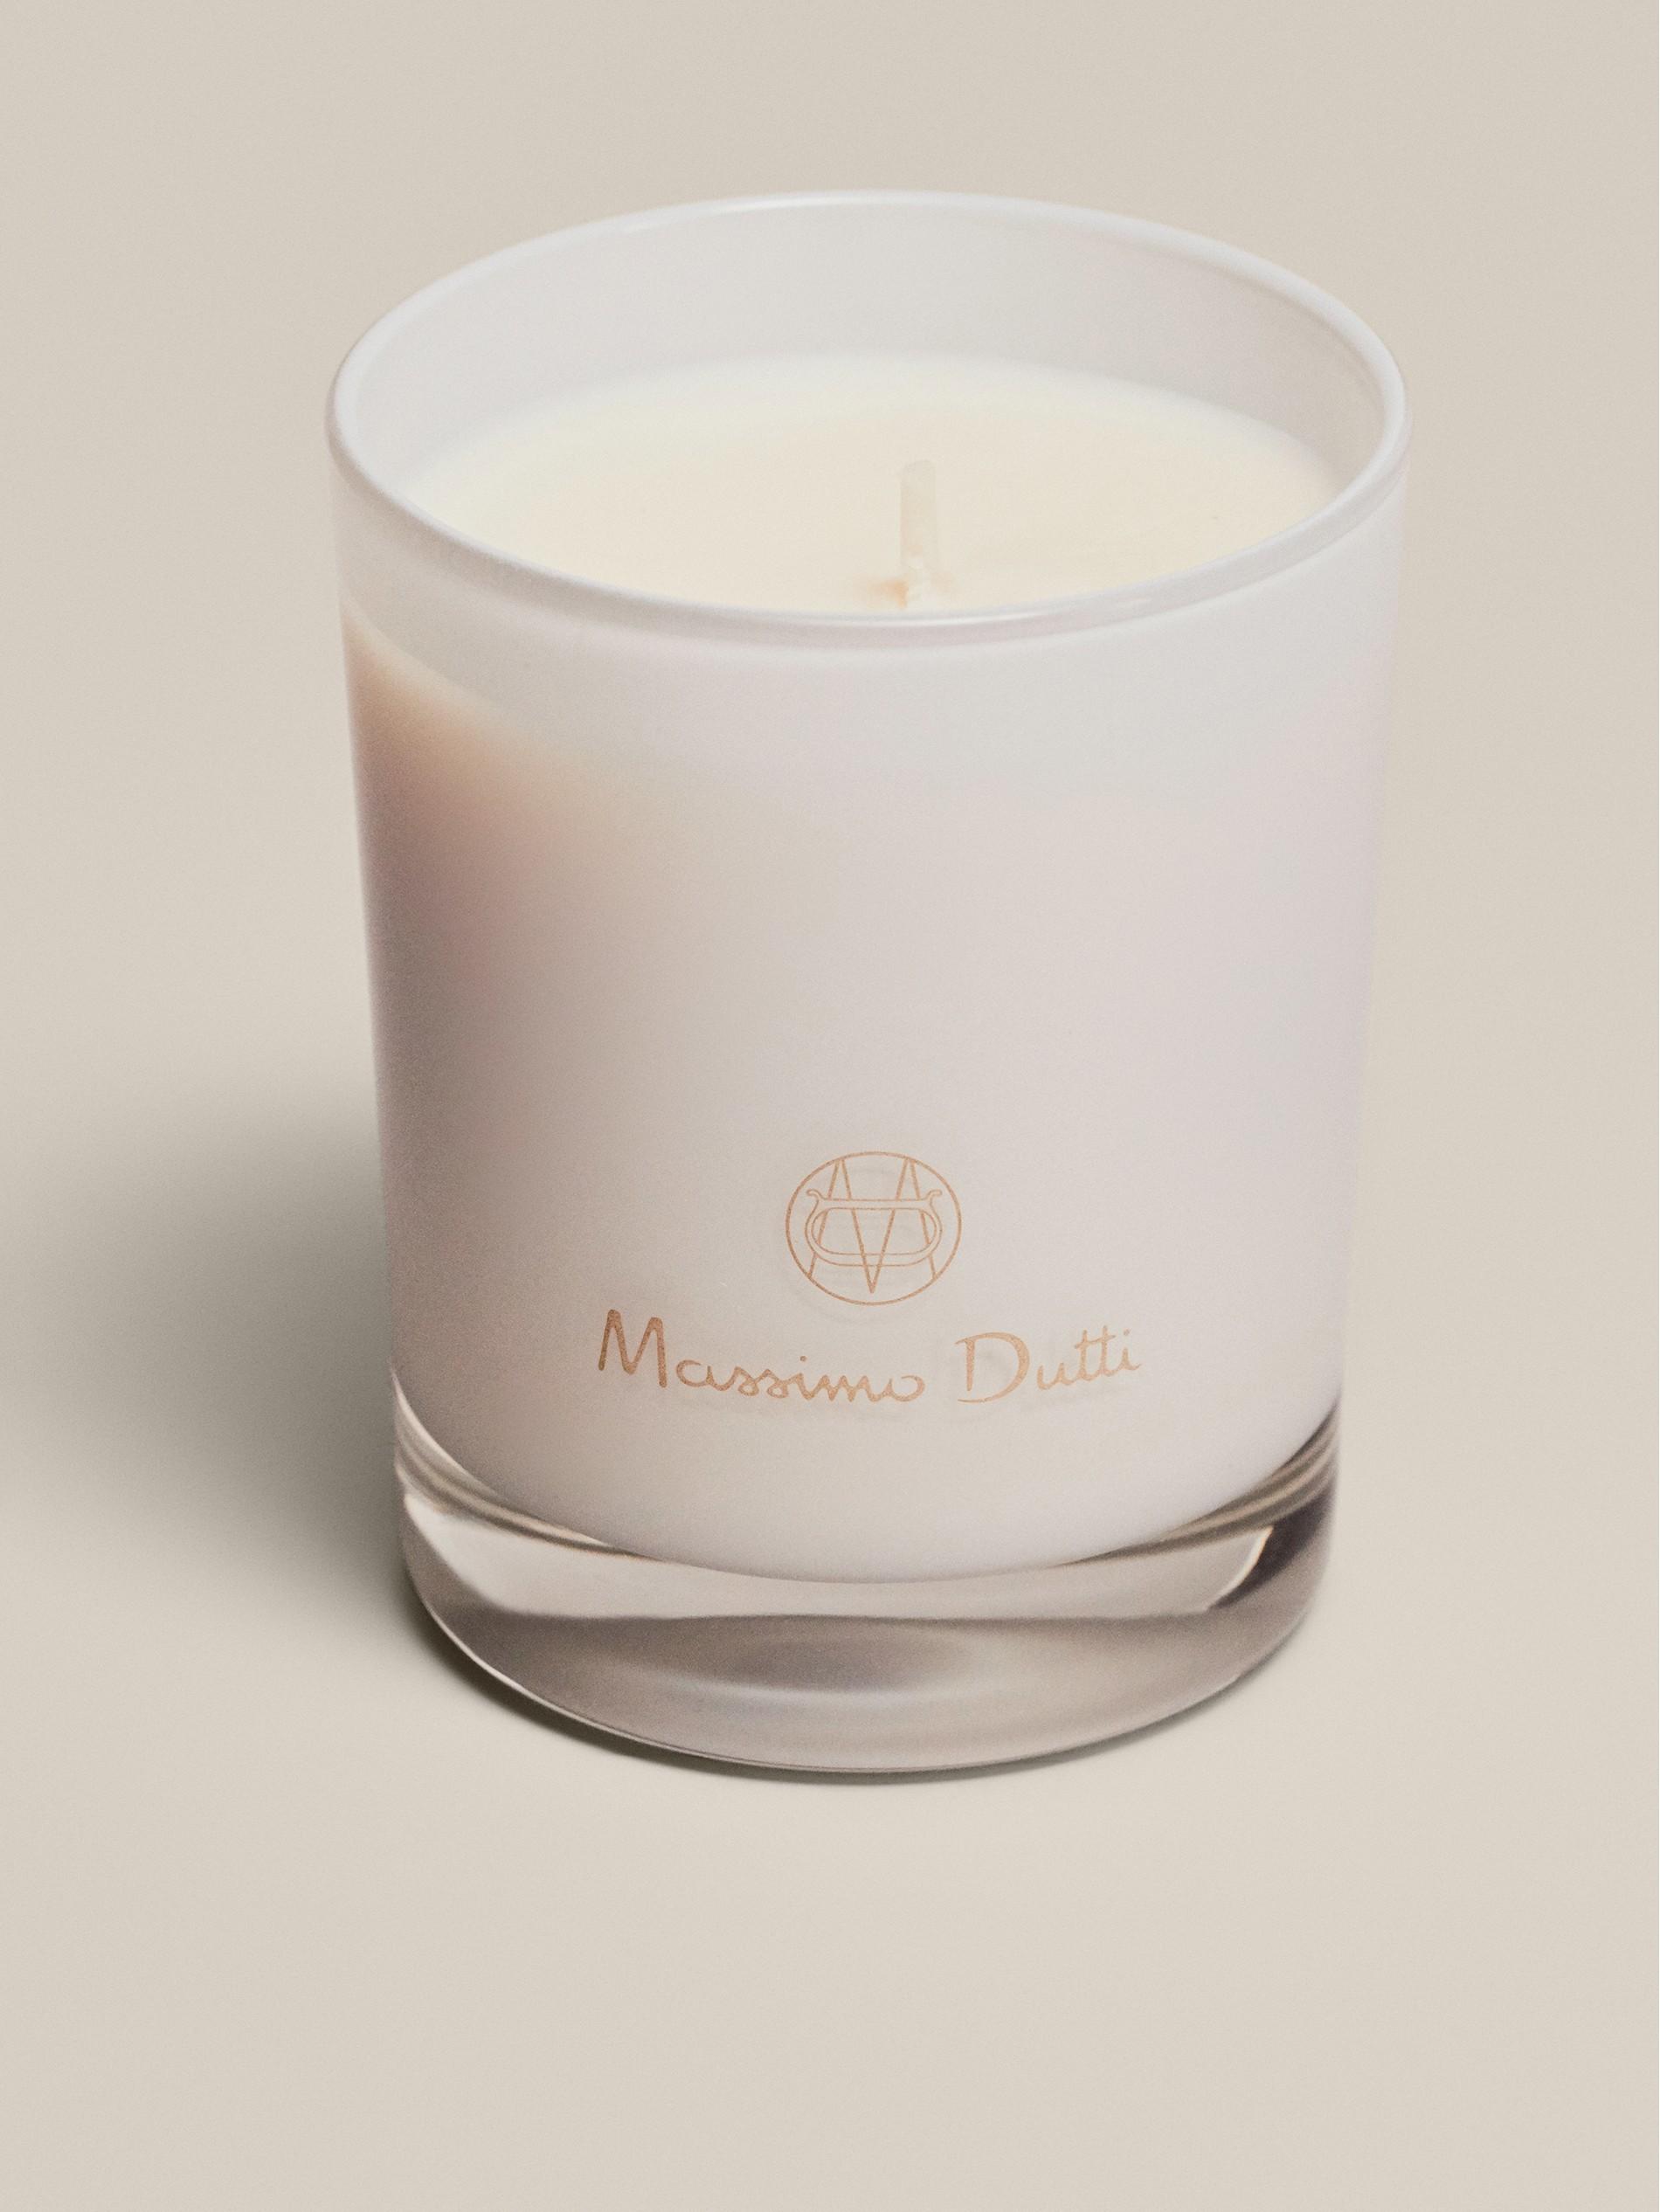 Et Et Light Bougie Manhattan Parfum Parfum Rjqc45A3L